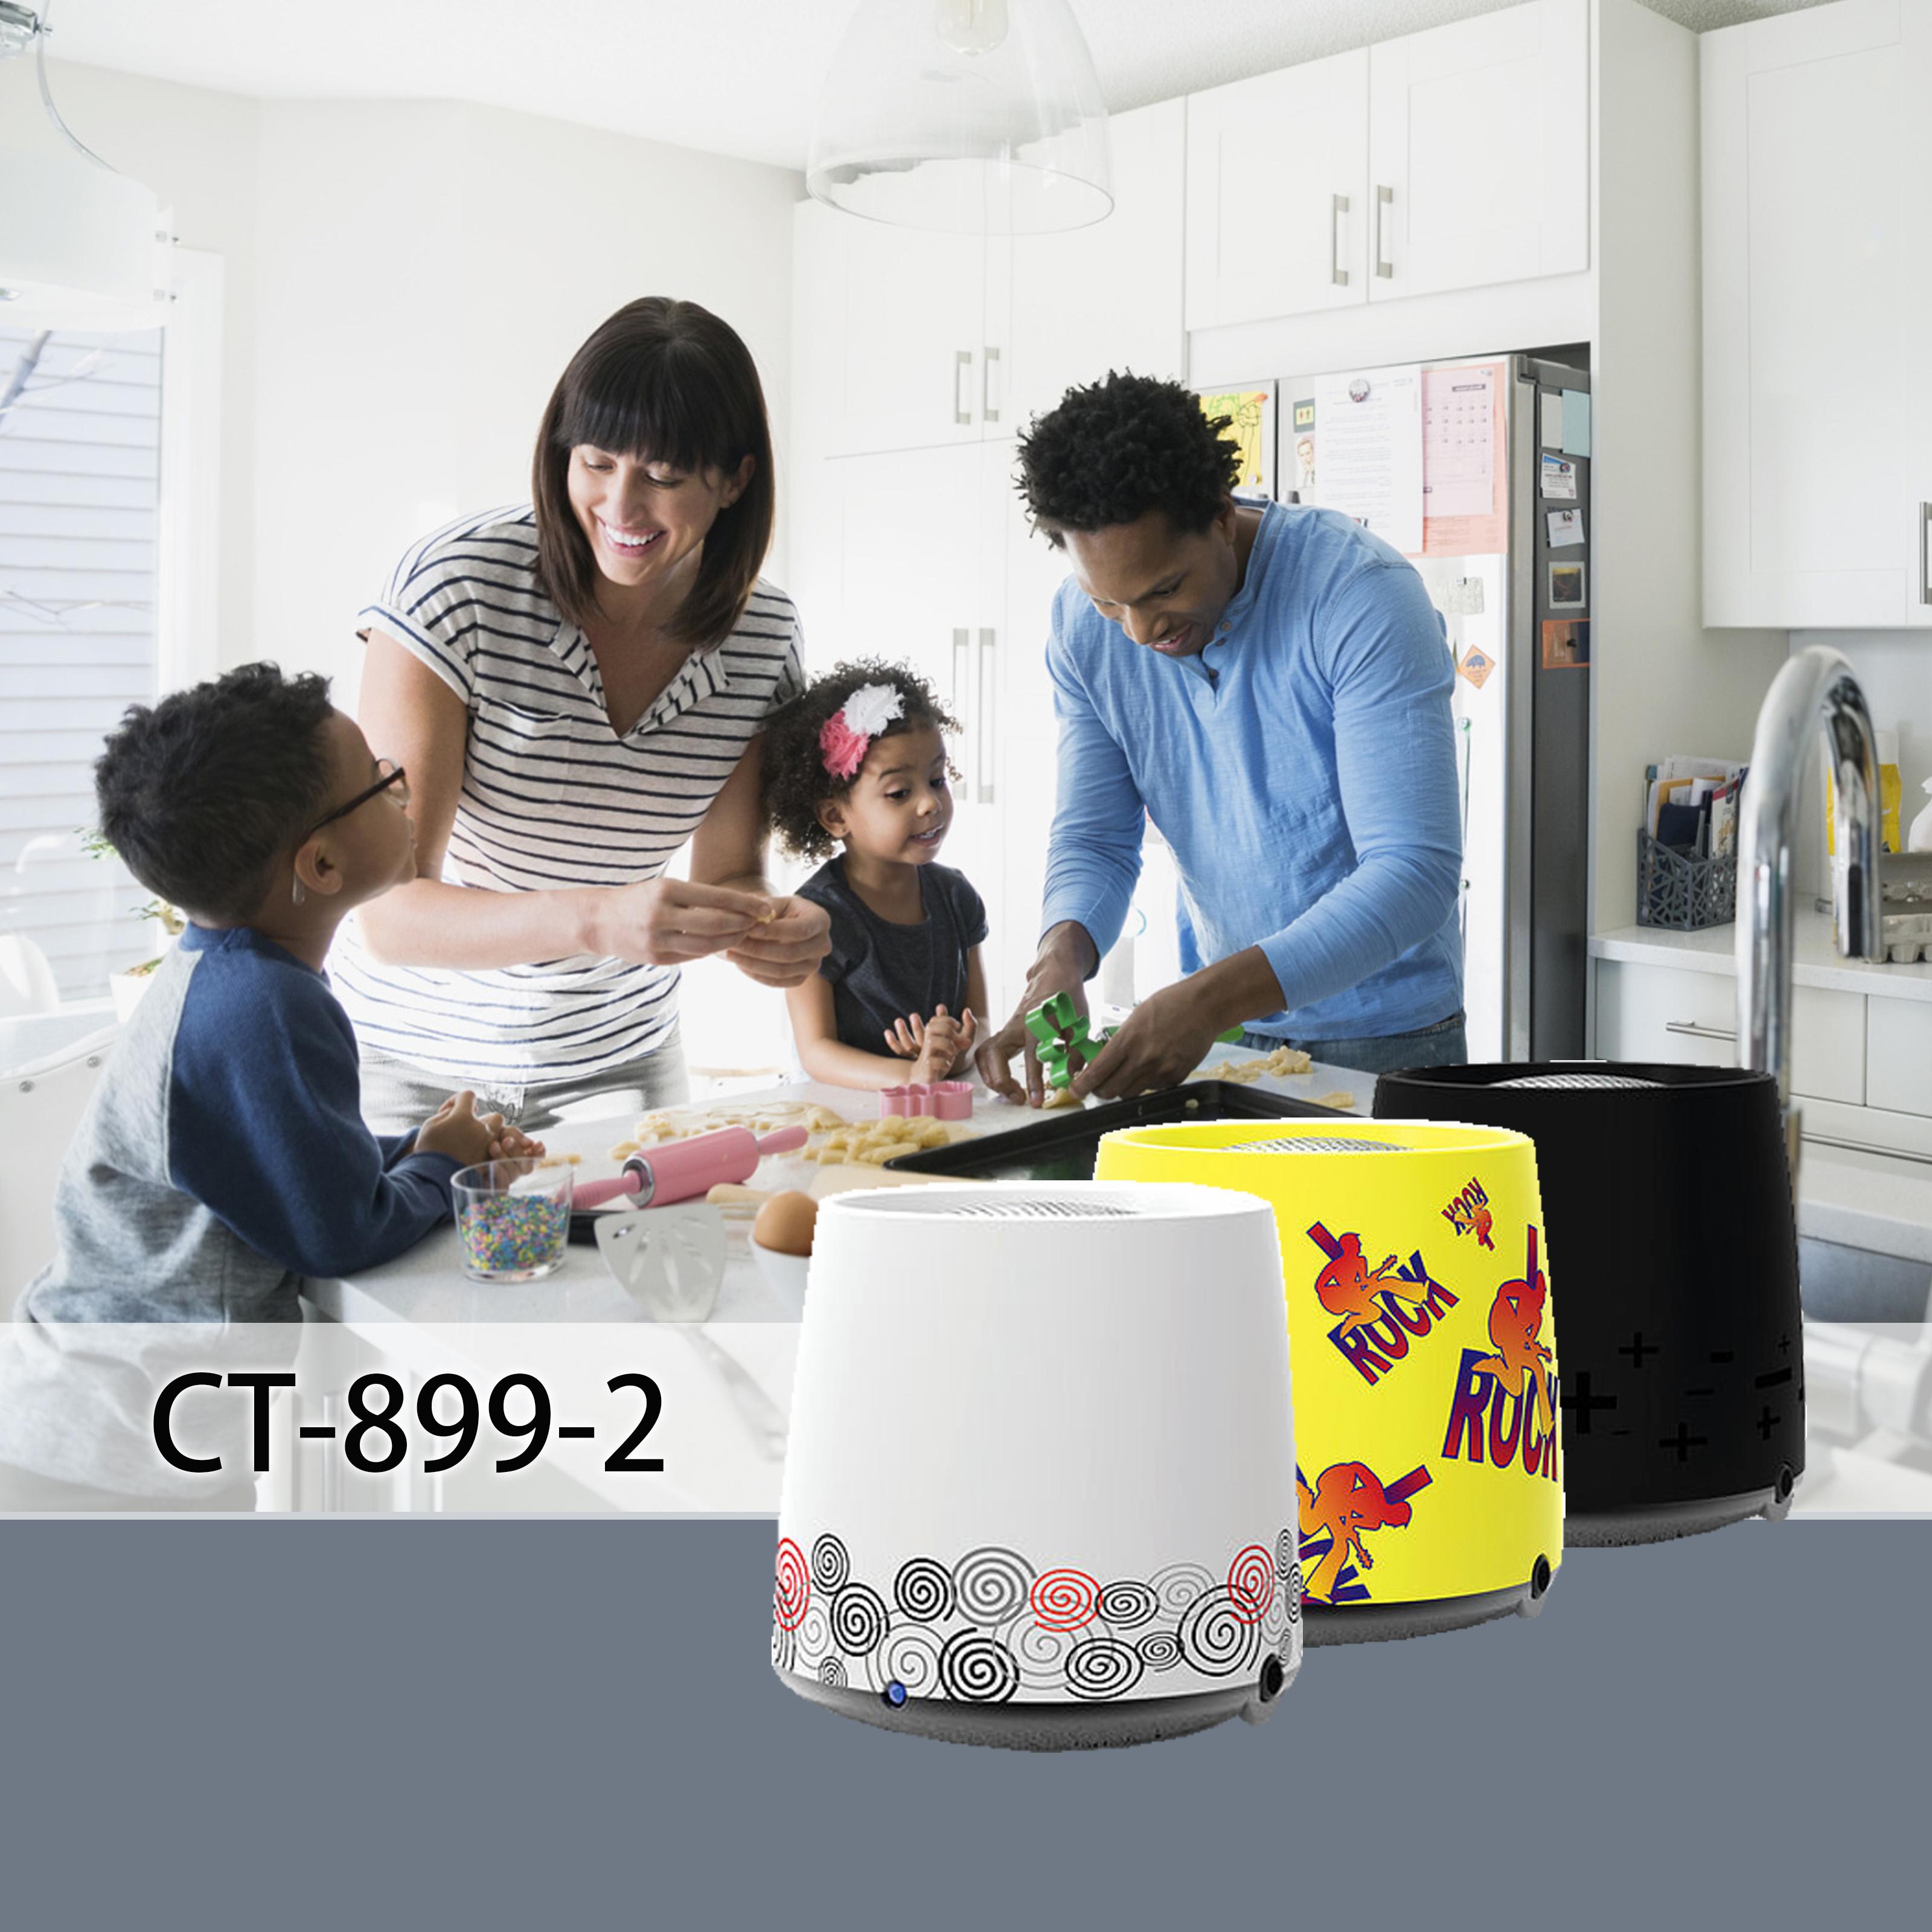 CT-899-2 kitchen with kids.jpg